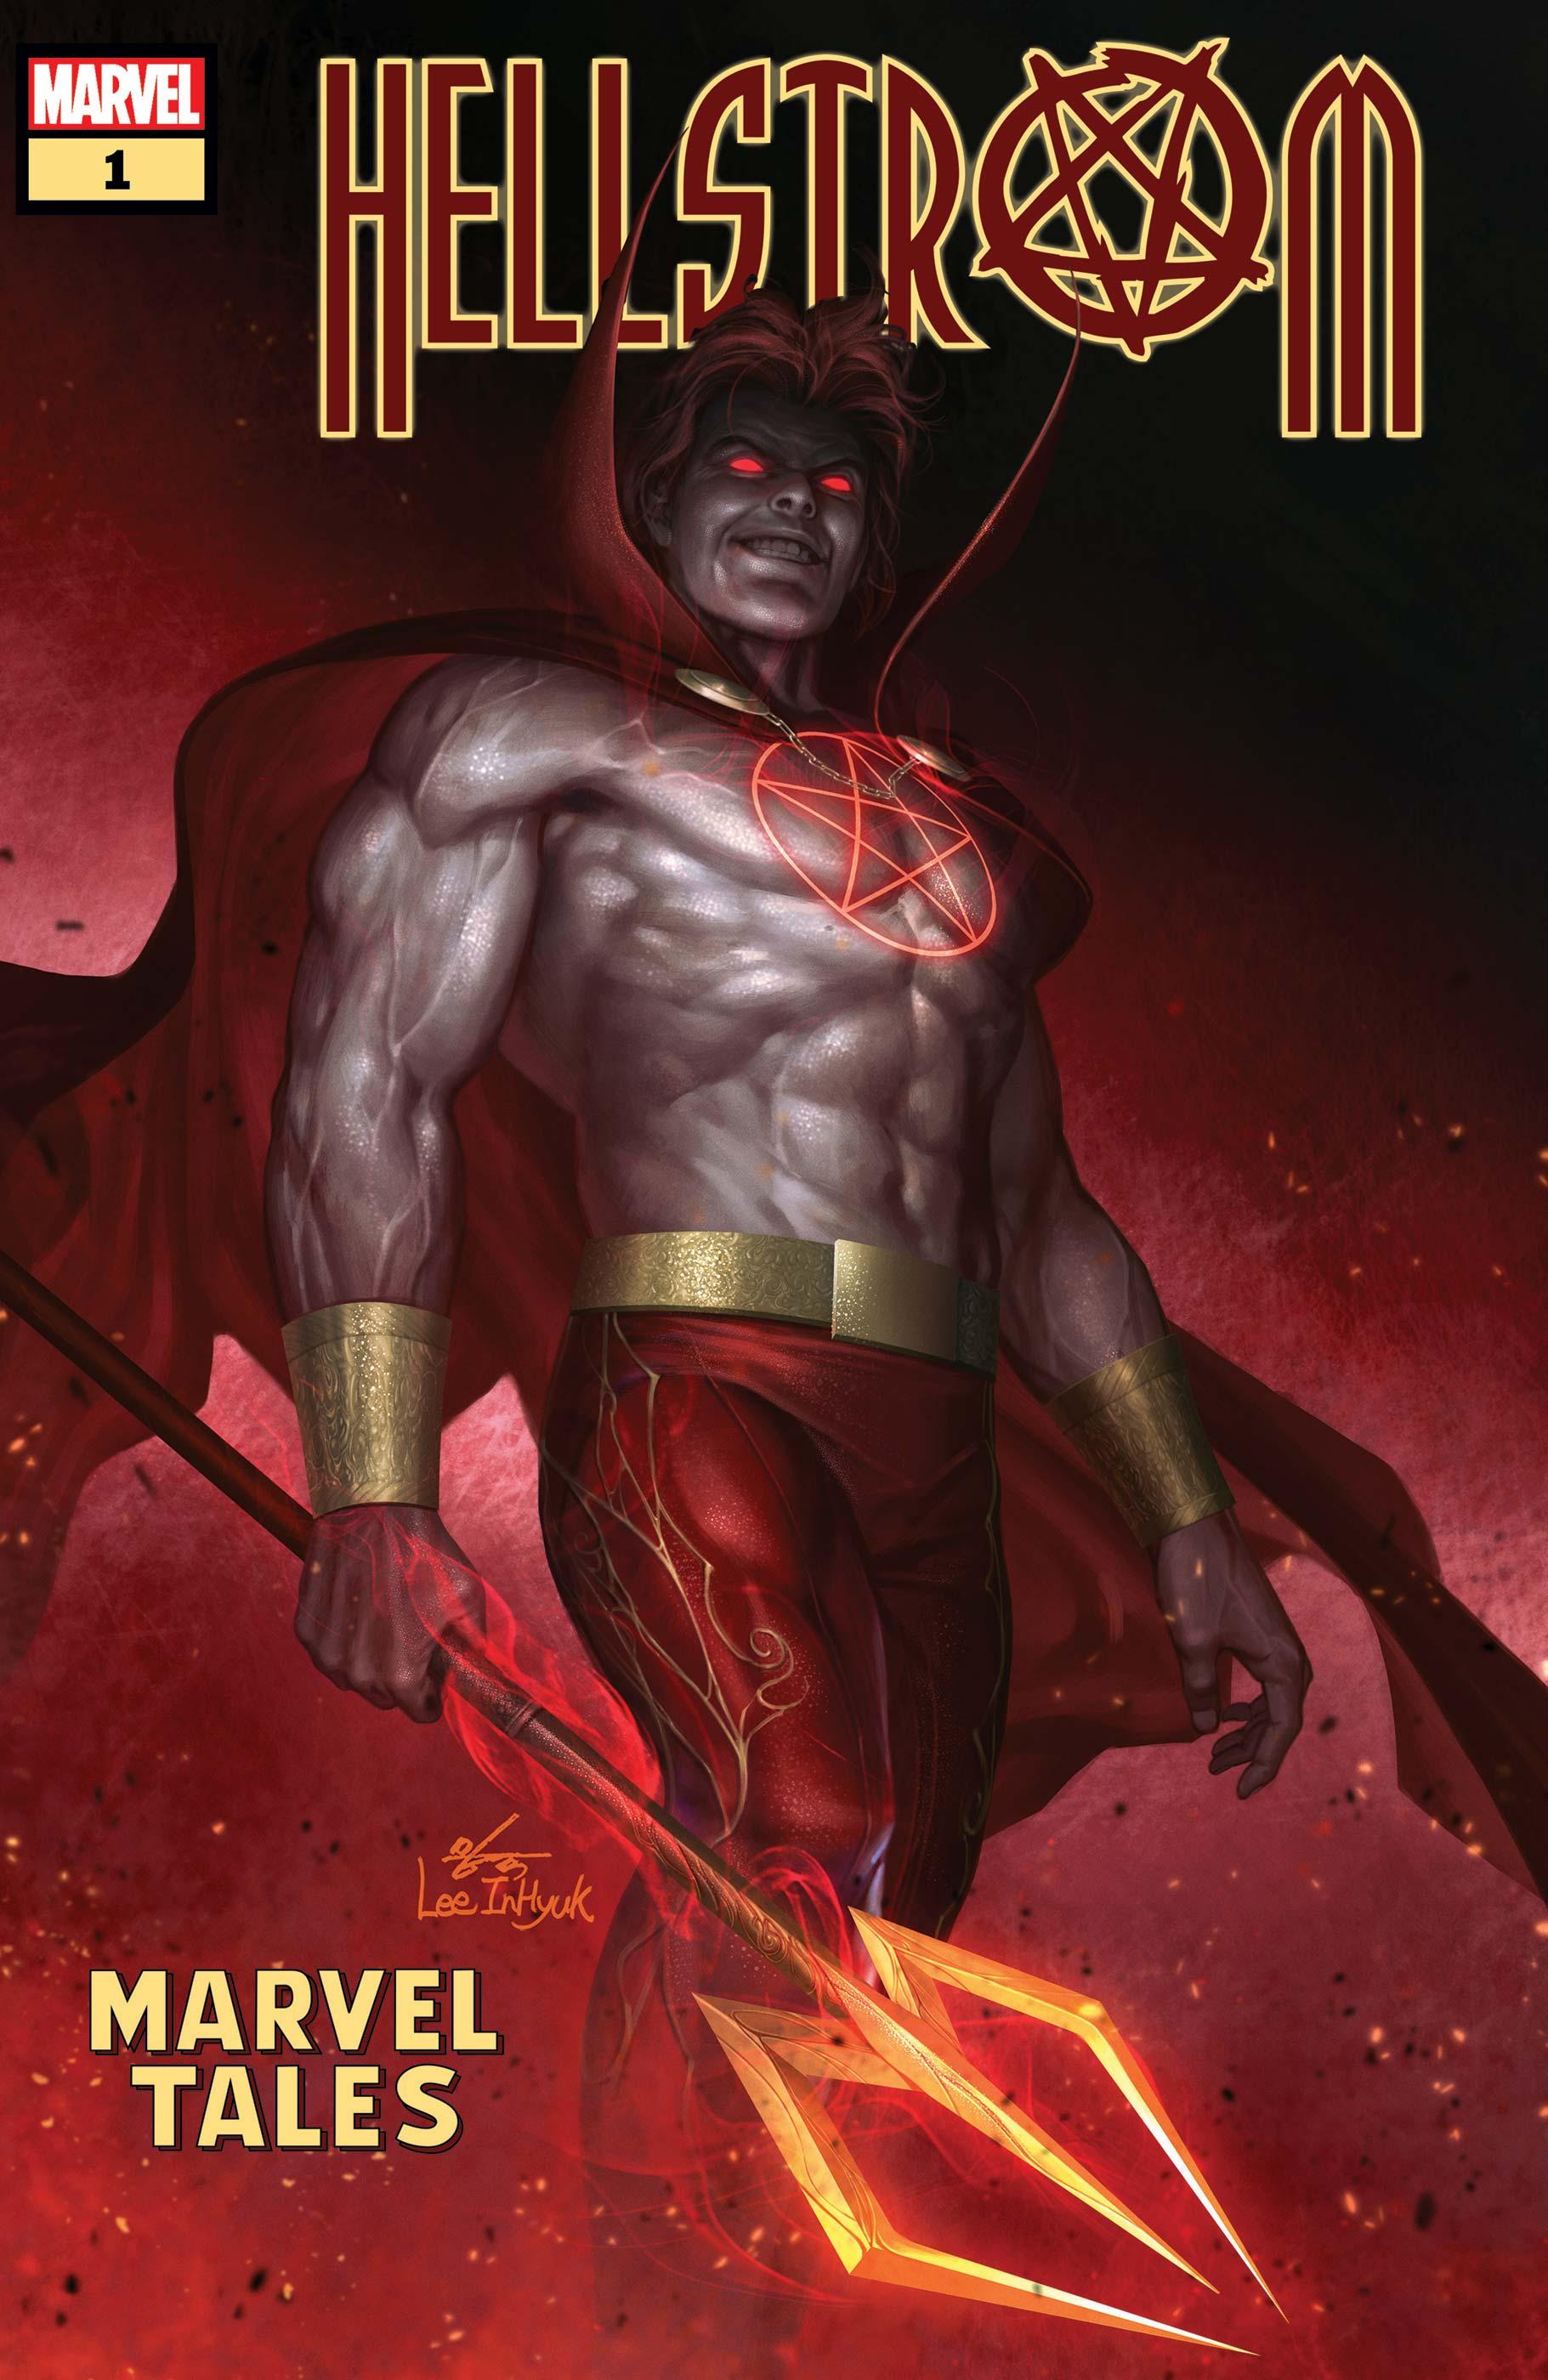 Hellstrom: Marvel Tales (2020) #1